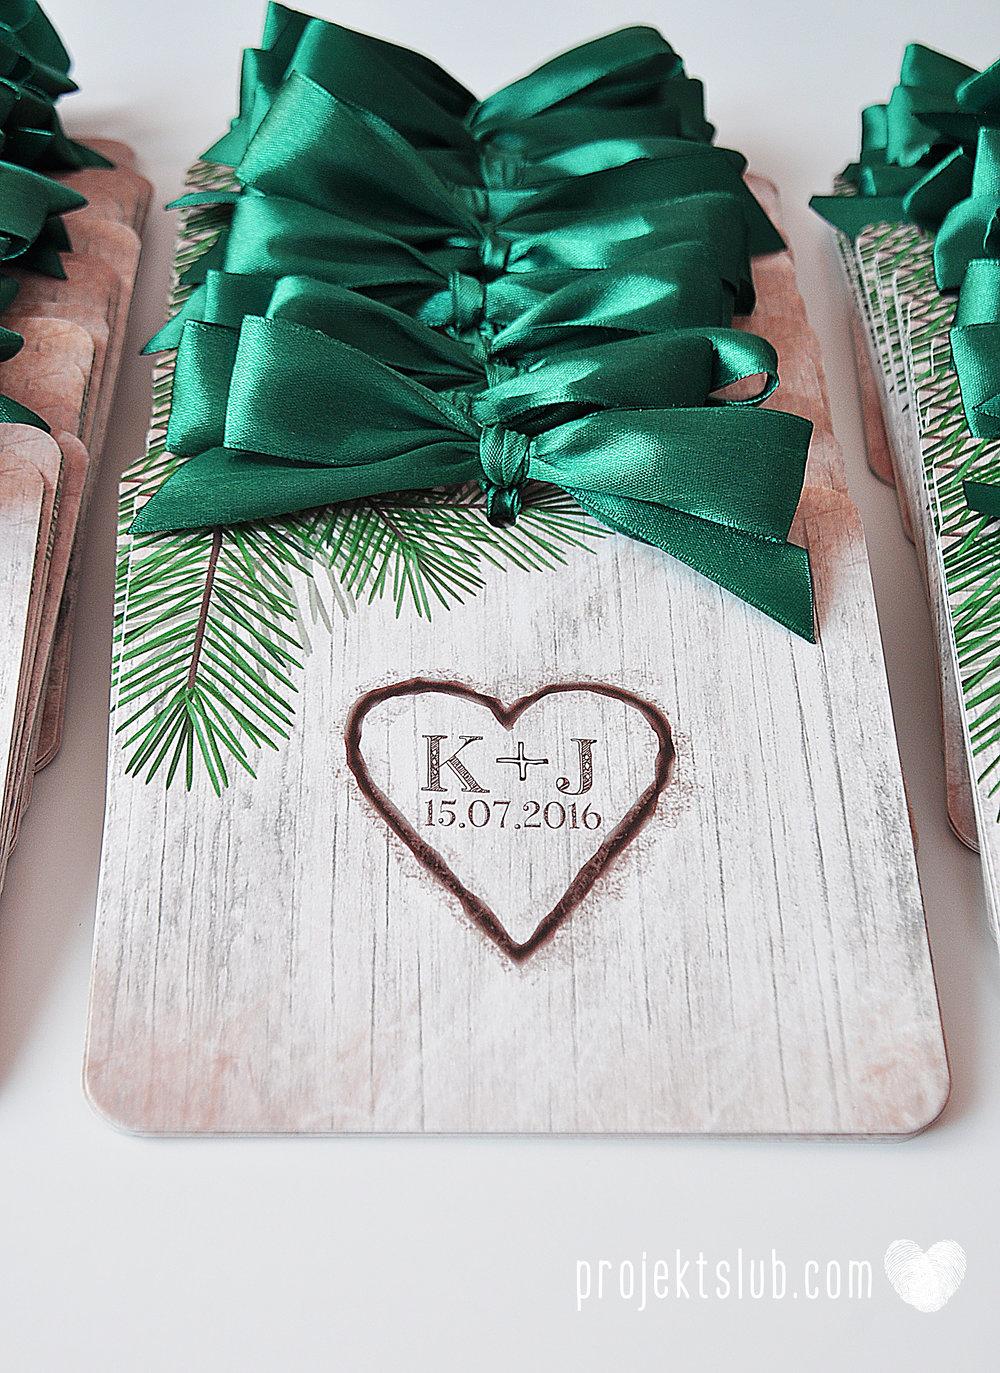 Zaproszenia ślubne oryginalne BOHO WOODLOVE vintage las świerk drewno drzewo kora eko rustykalne oryginalny craft naturalne Projekt Ślub (15).jpg